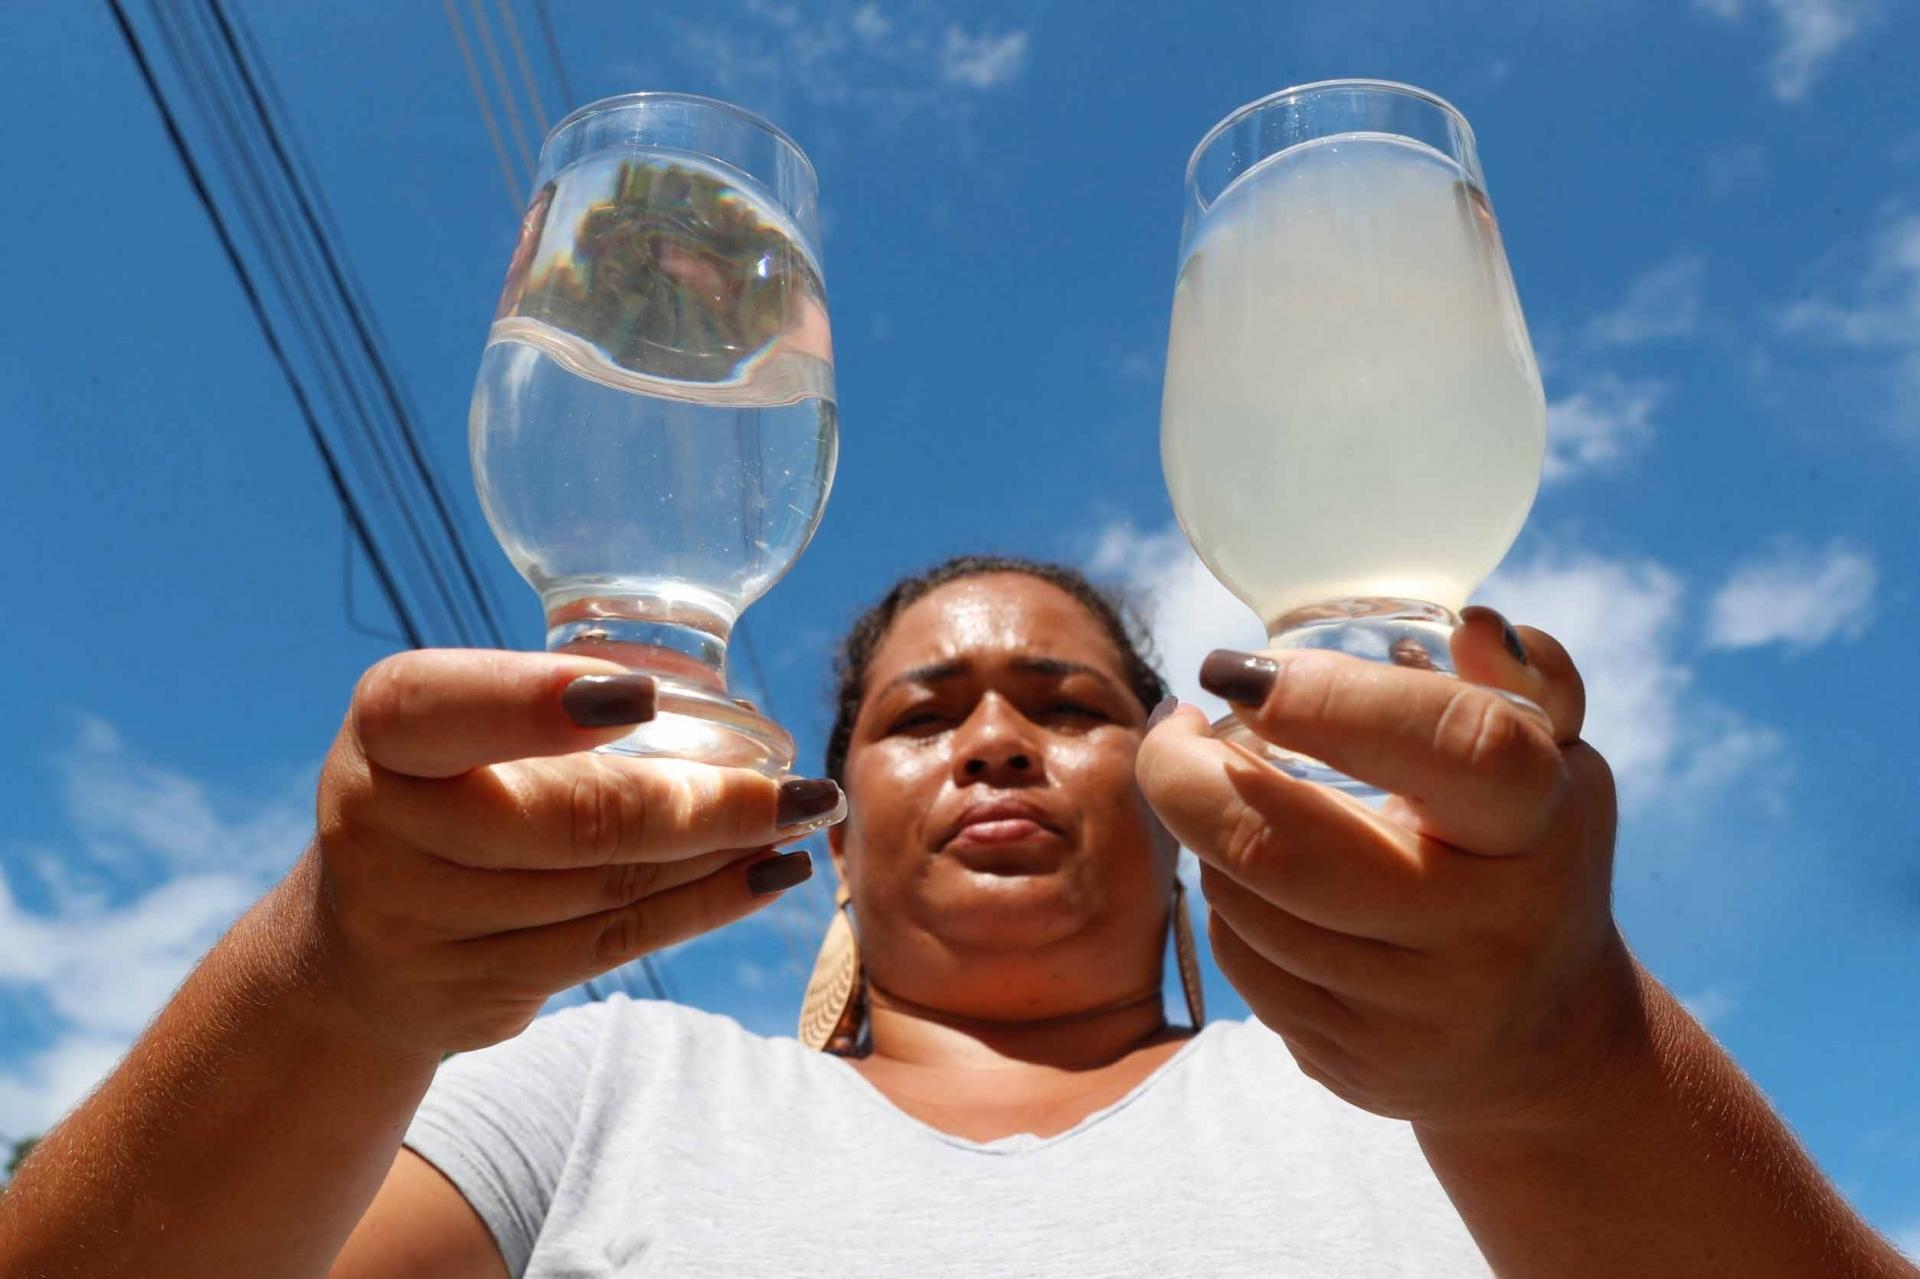 agua contaminada rio de janeiro 2020 sintomas